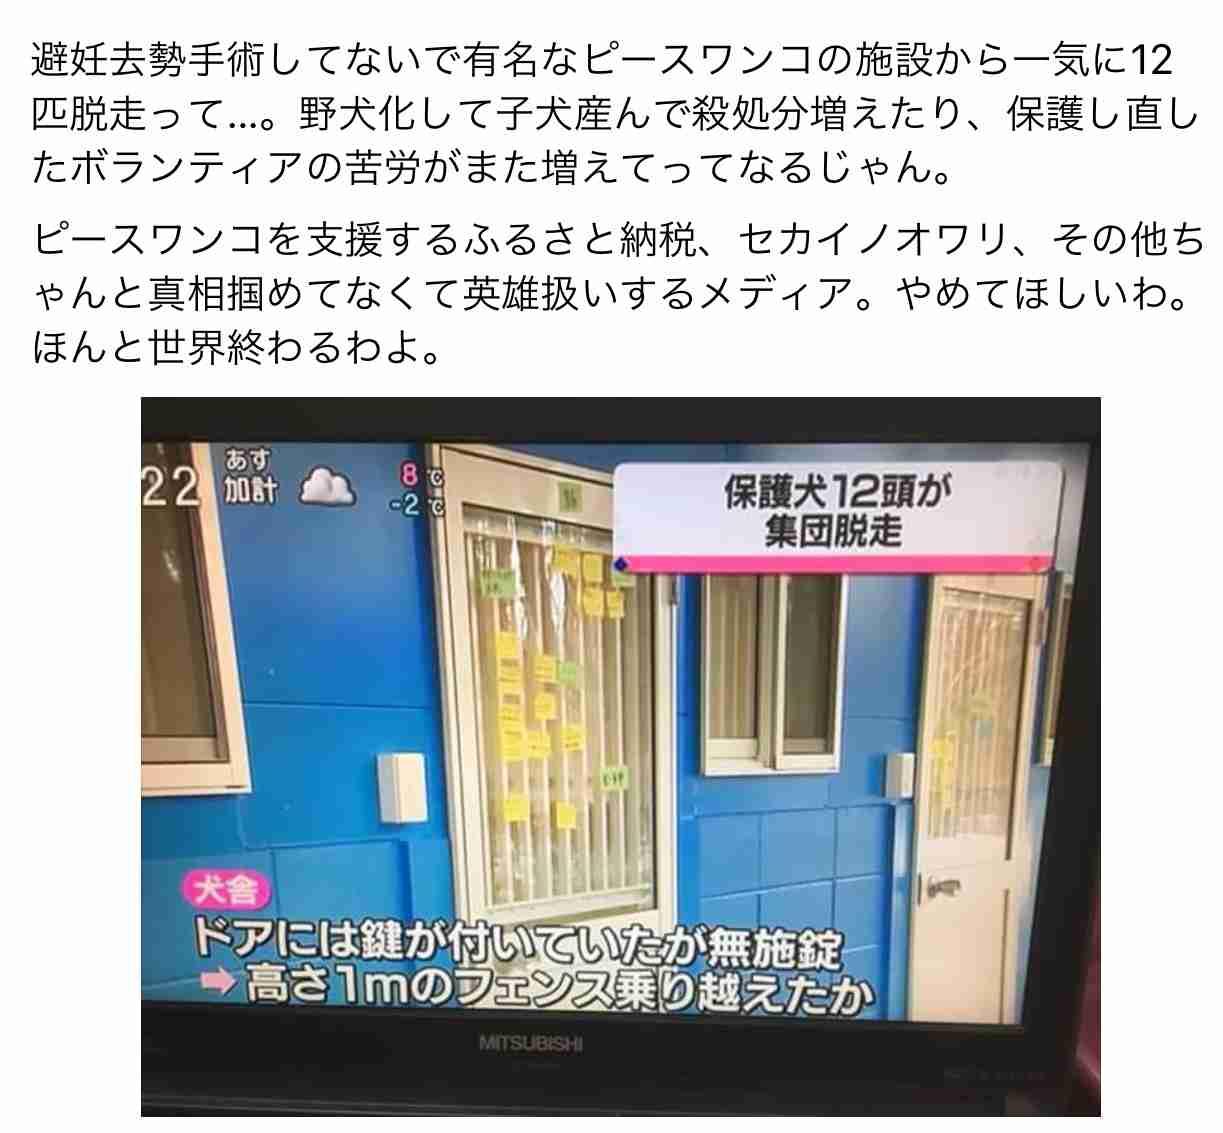 犬や猫の「繁殖業者を免許制に」 浅田美代子さんが環境相に要望